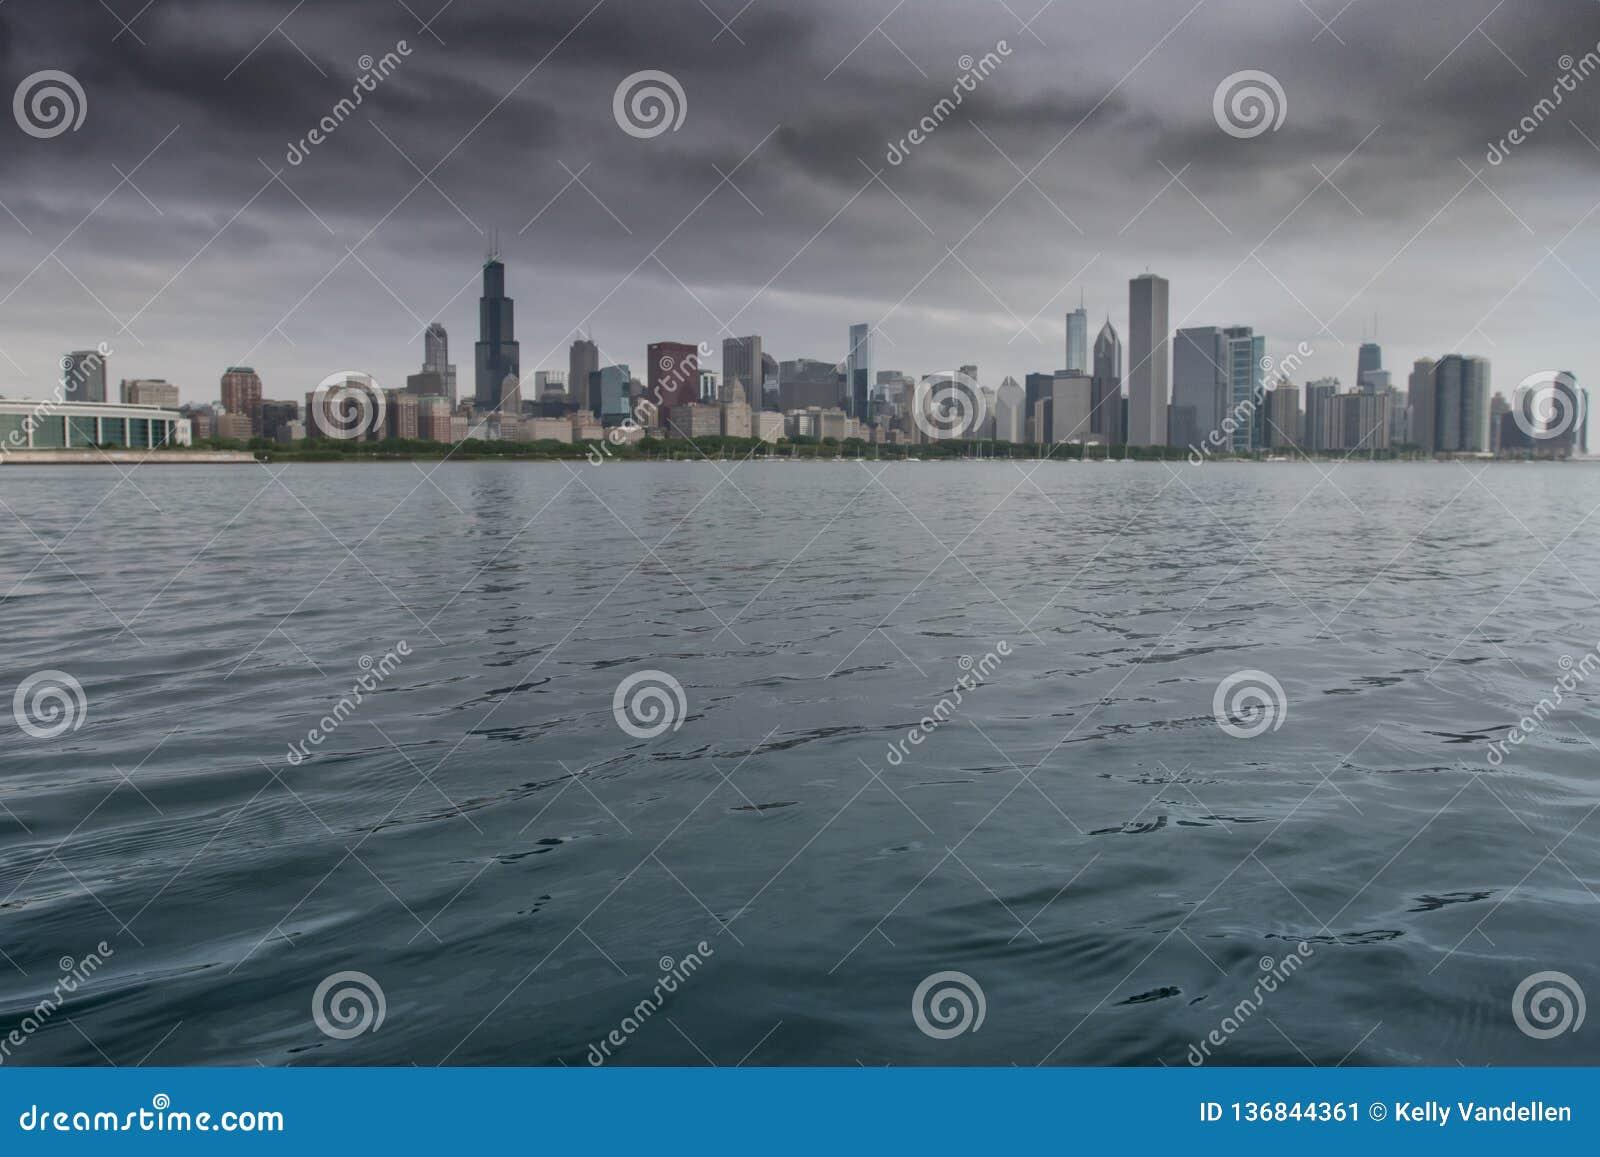 有芝加哥地平线的密执安湖在背景中